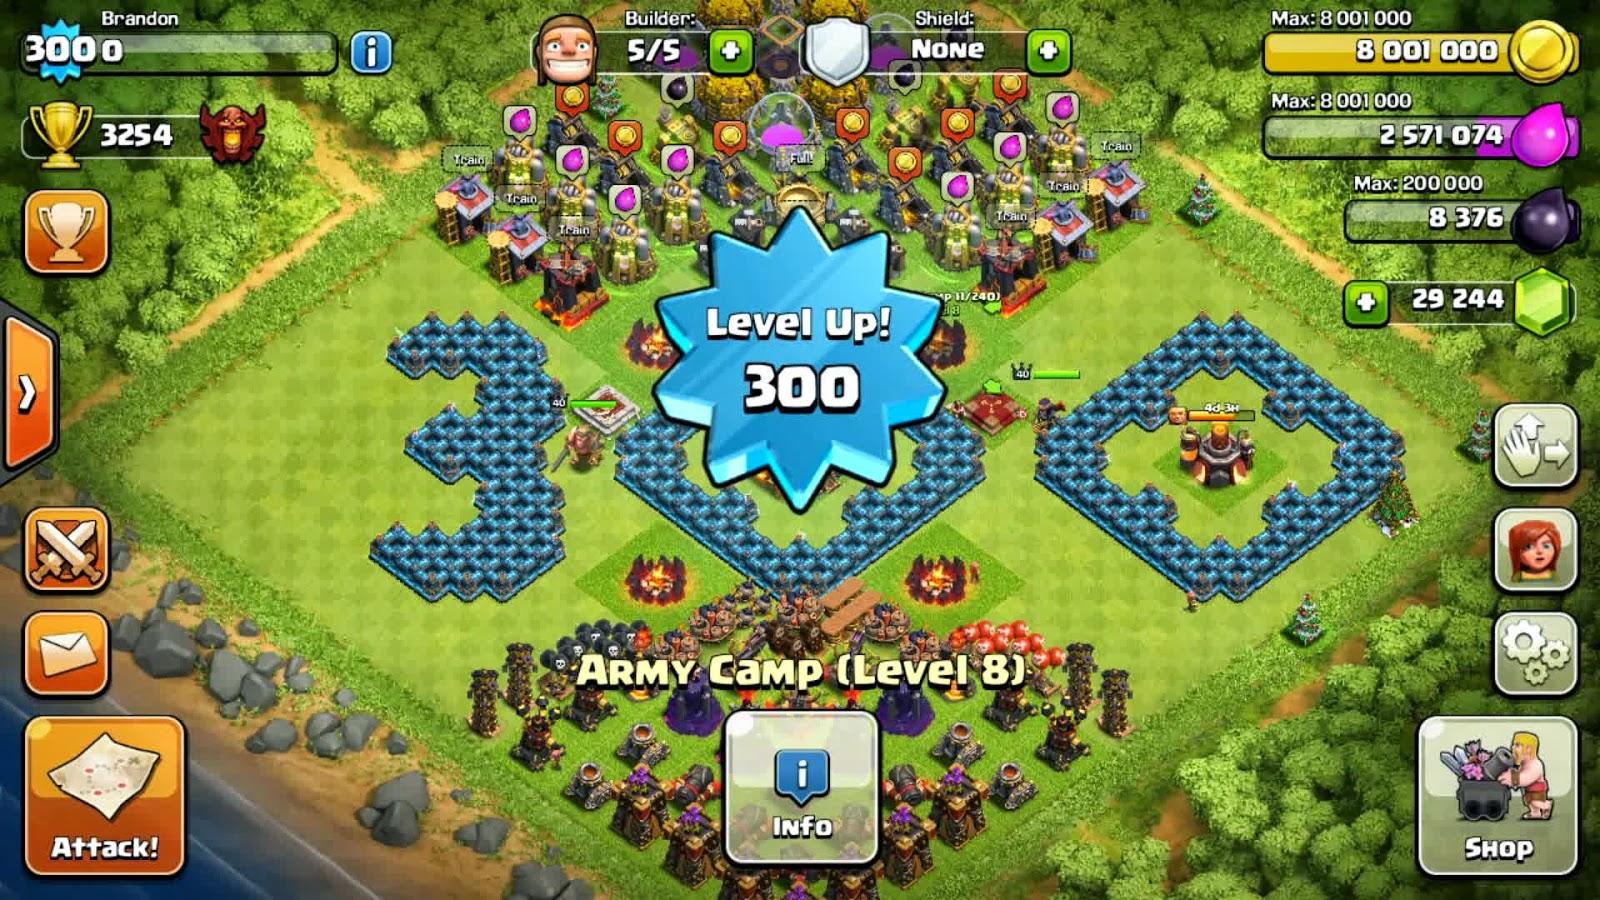 Cara Meningkatkan Level Clash Of Clans dengan Cepat dan Mudah